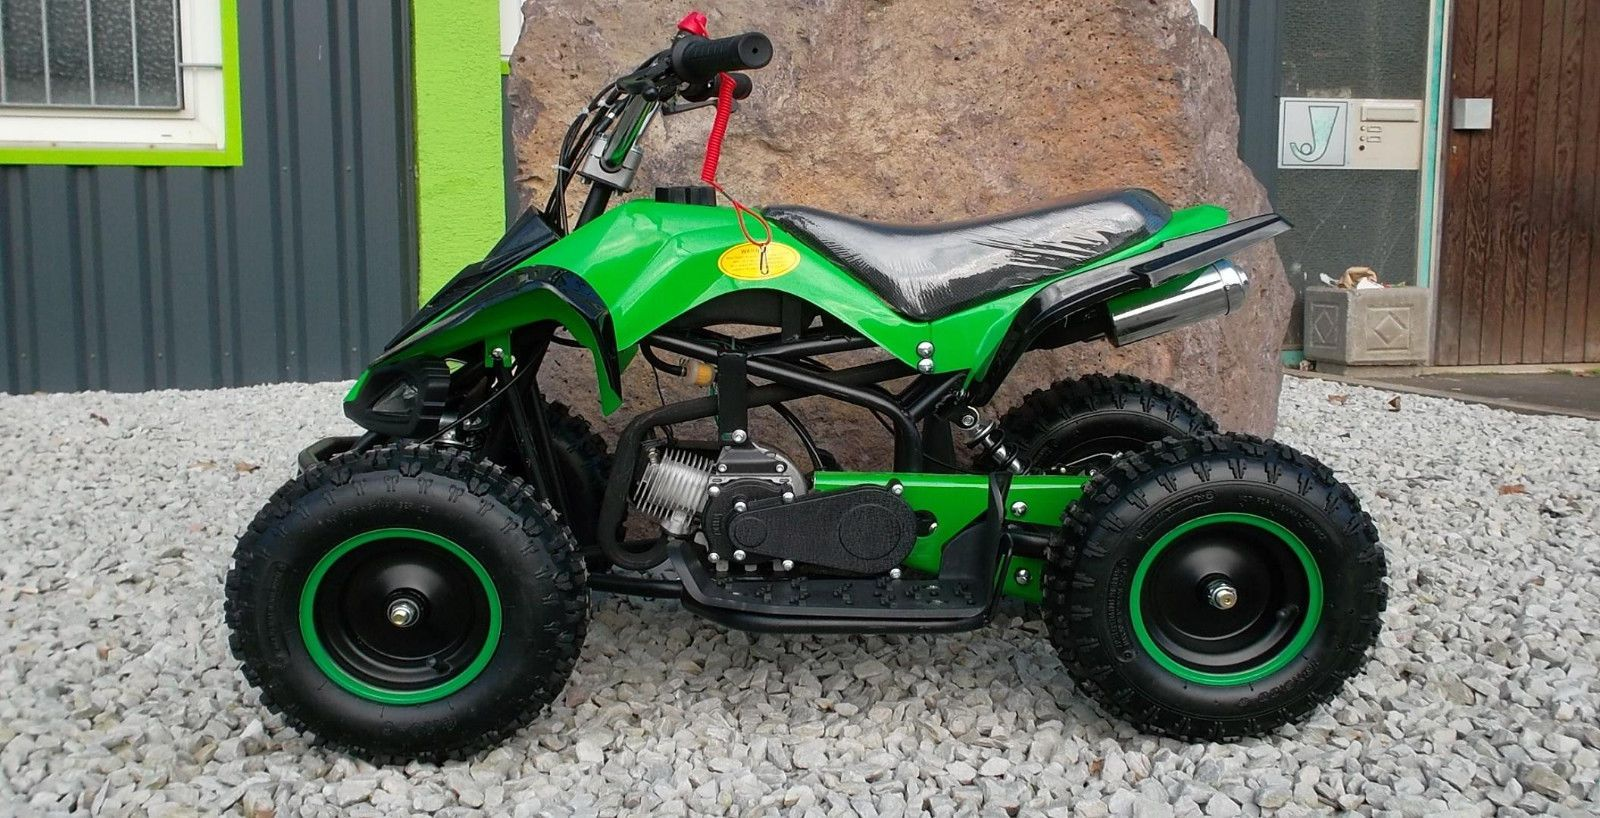 Details Zu Kinderquad 6 Zoll Quad Atv Miniquad Kinder Pocketbike Dirt Bike Pocketquad 49